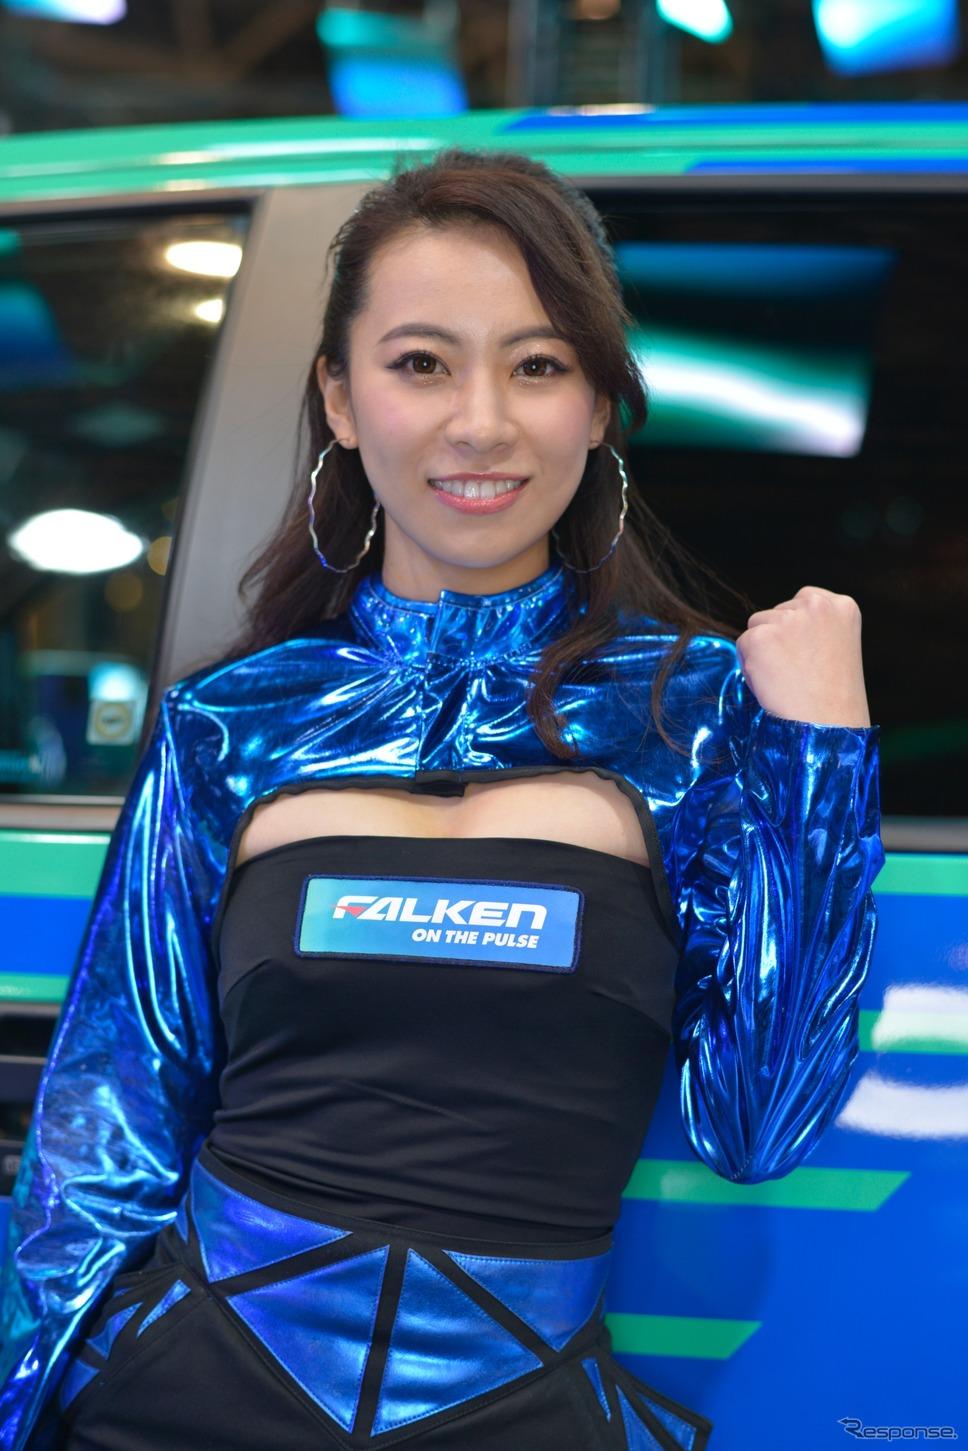 ファルケンコンパニオン(東京オートサロン2018)